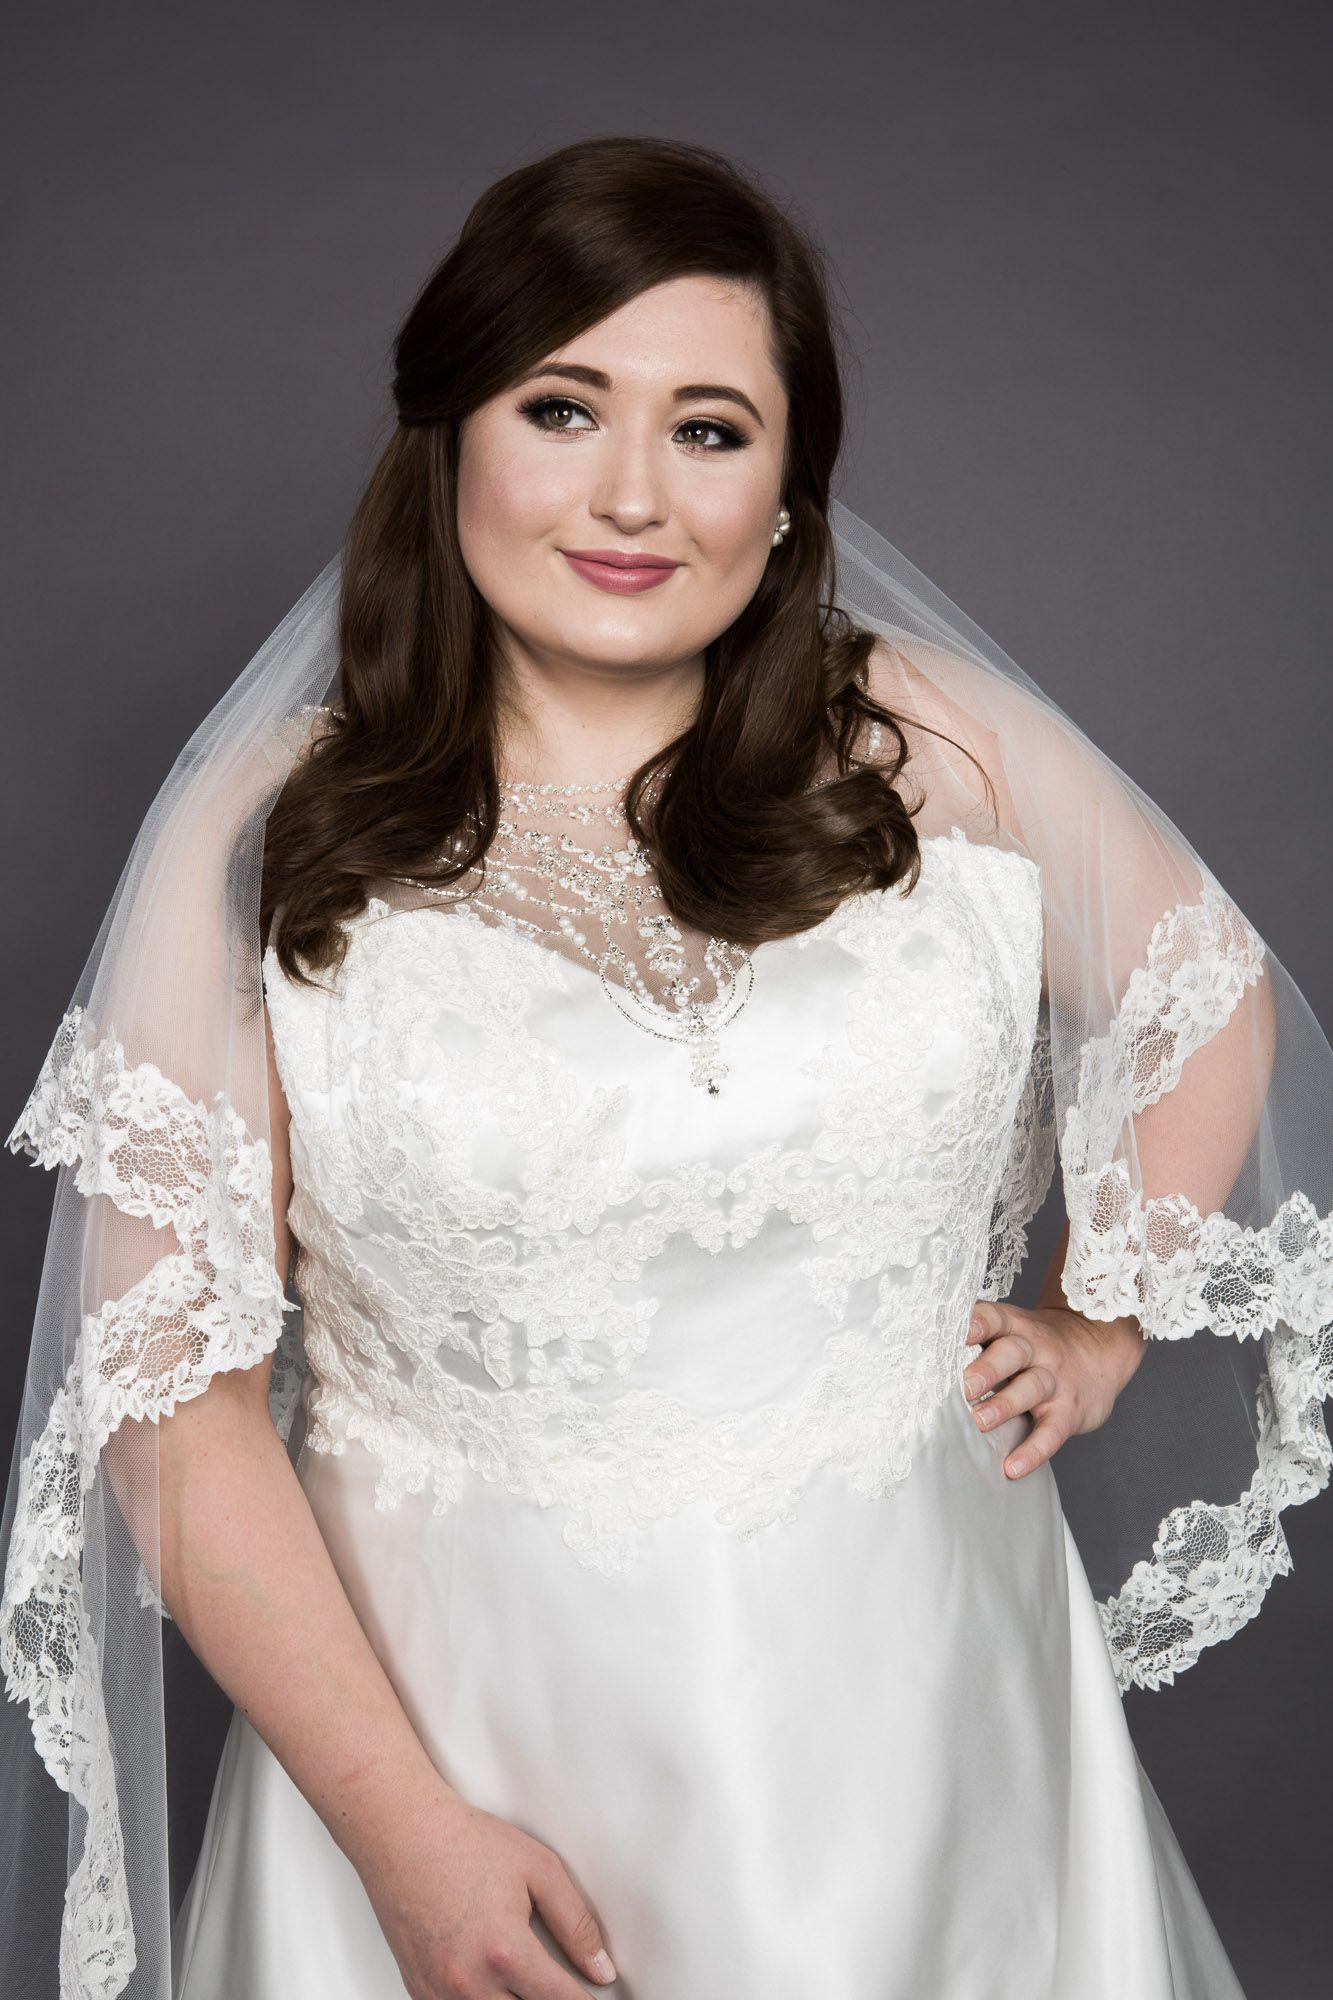 Wenn man als kurvige Frau bei Hochzeitskleid Anprobe Spaß hat, dann ...